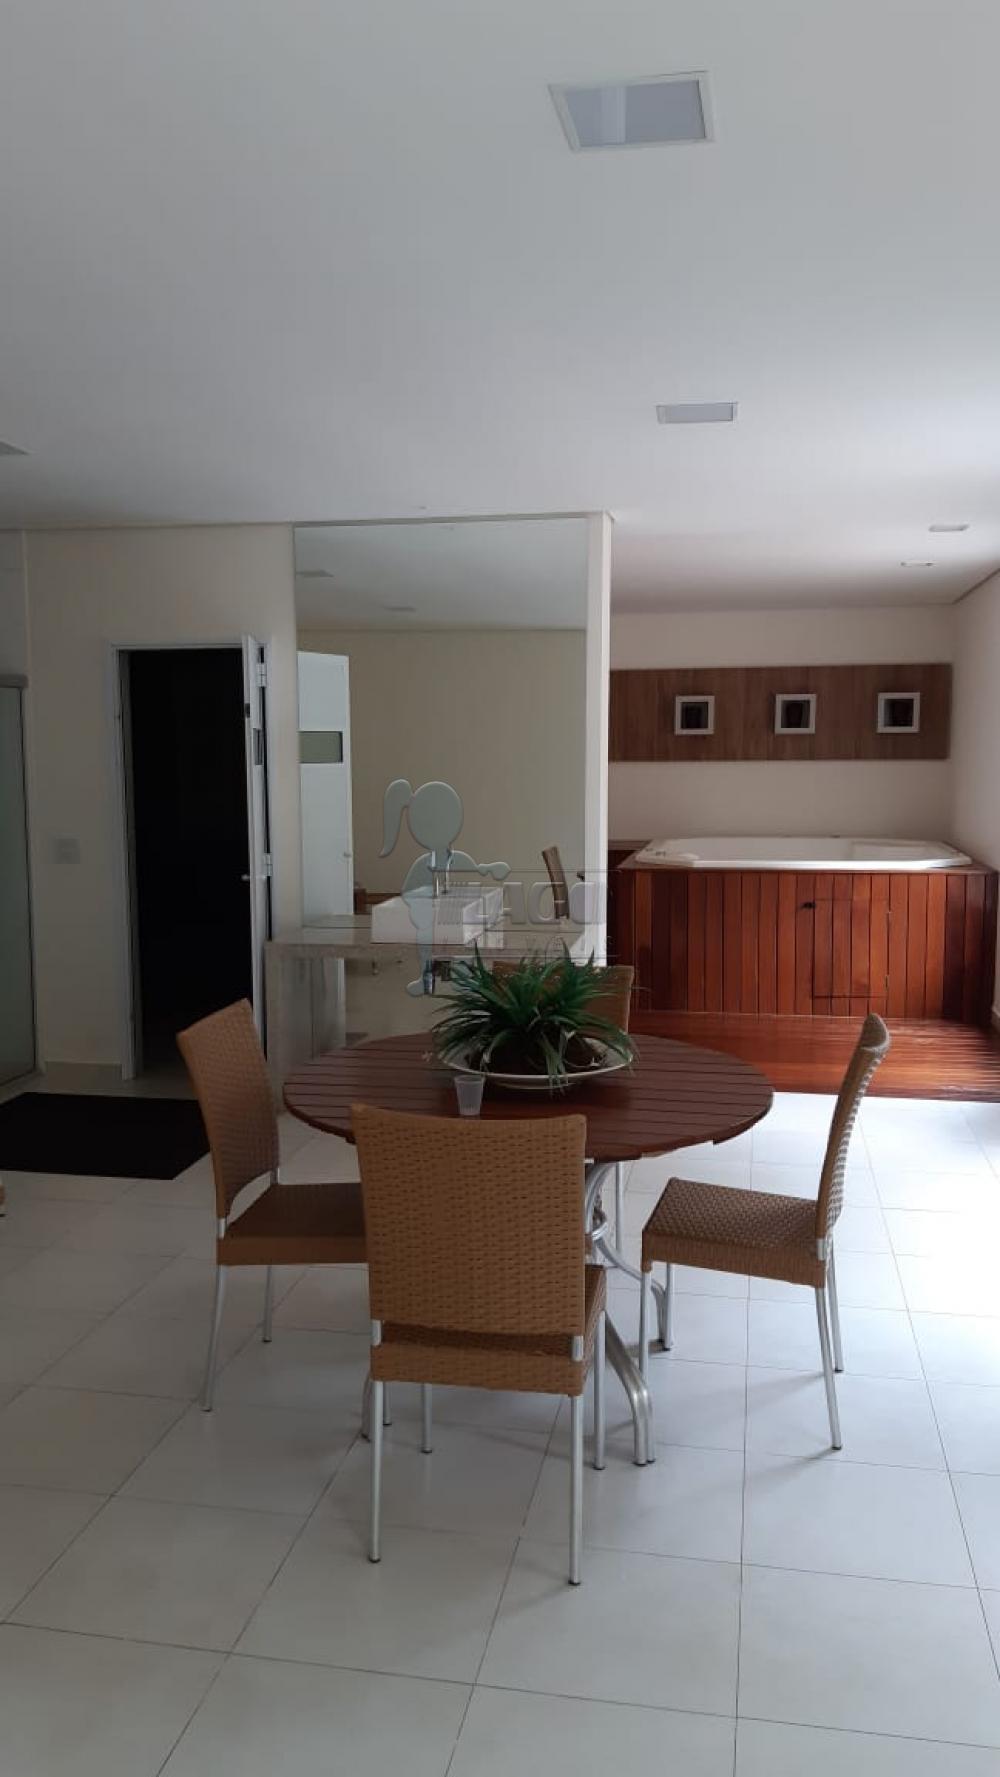 Comprar Apartamento / Padrão em Ribeirão Preto apenas R$ 300.000,00 - Foto 27